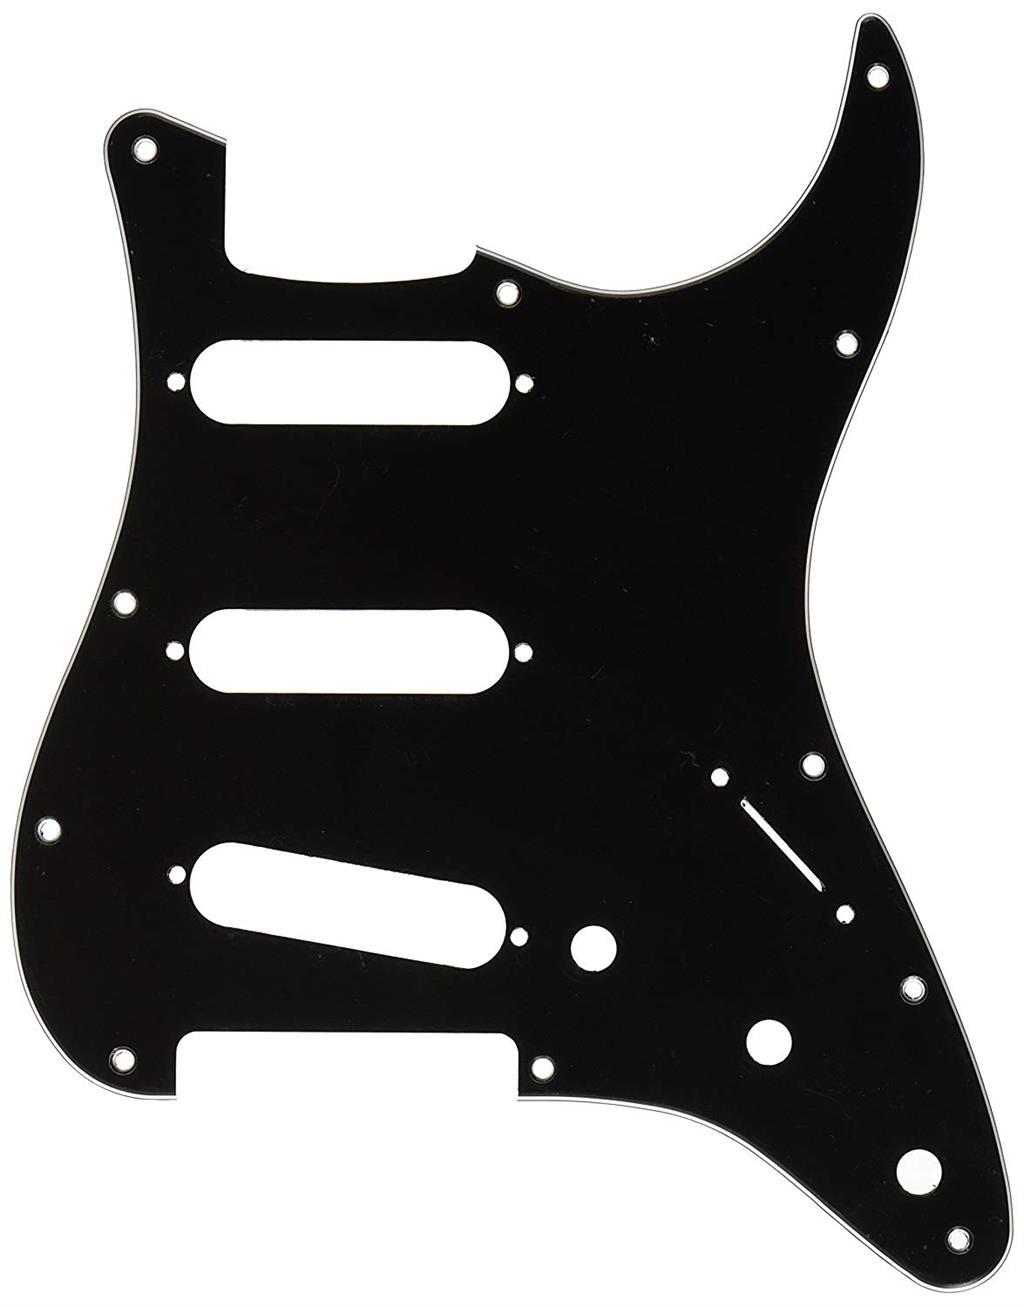 FENDER PICKGUARD STRATOCASTER BLACK STANDARD 3 PLY 0991359000